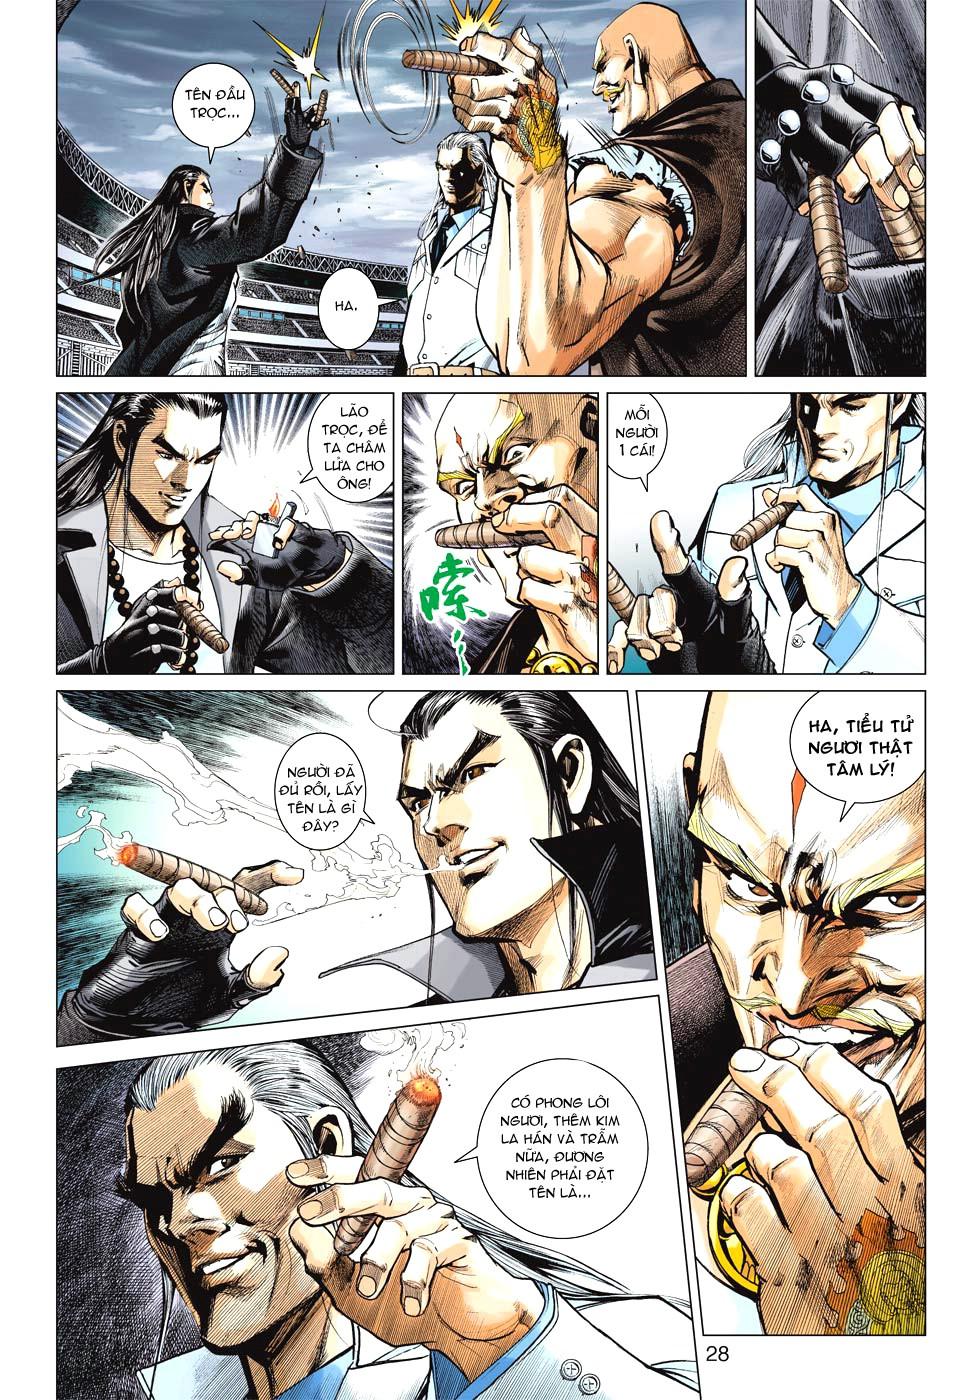 Vương Phong Lôi 1 chap 27 - Trang 25